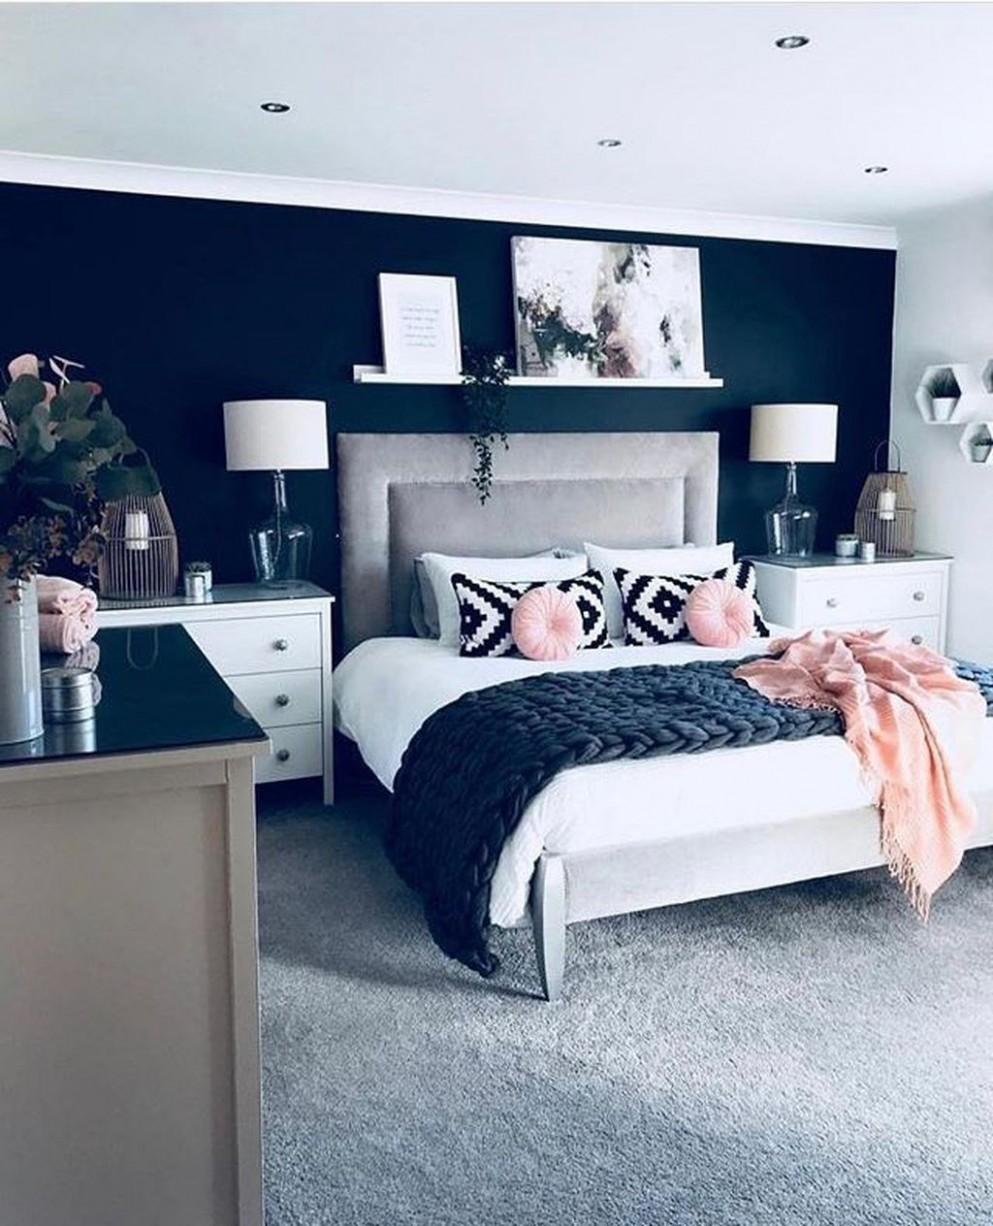 11+ Fancy Master Bedroom Color Scheme Ideas - TRENDHMDCR  Master  - Bedroom Ideas Navy And Grey